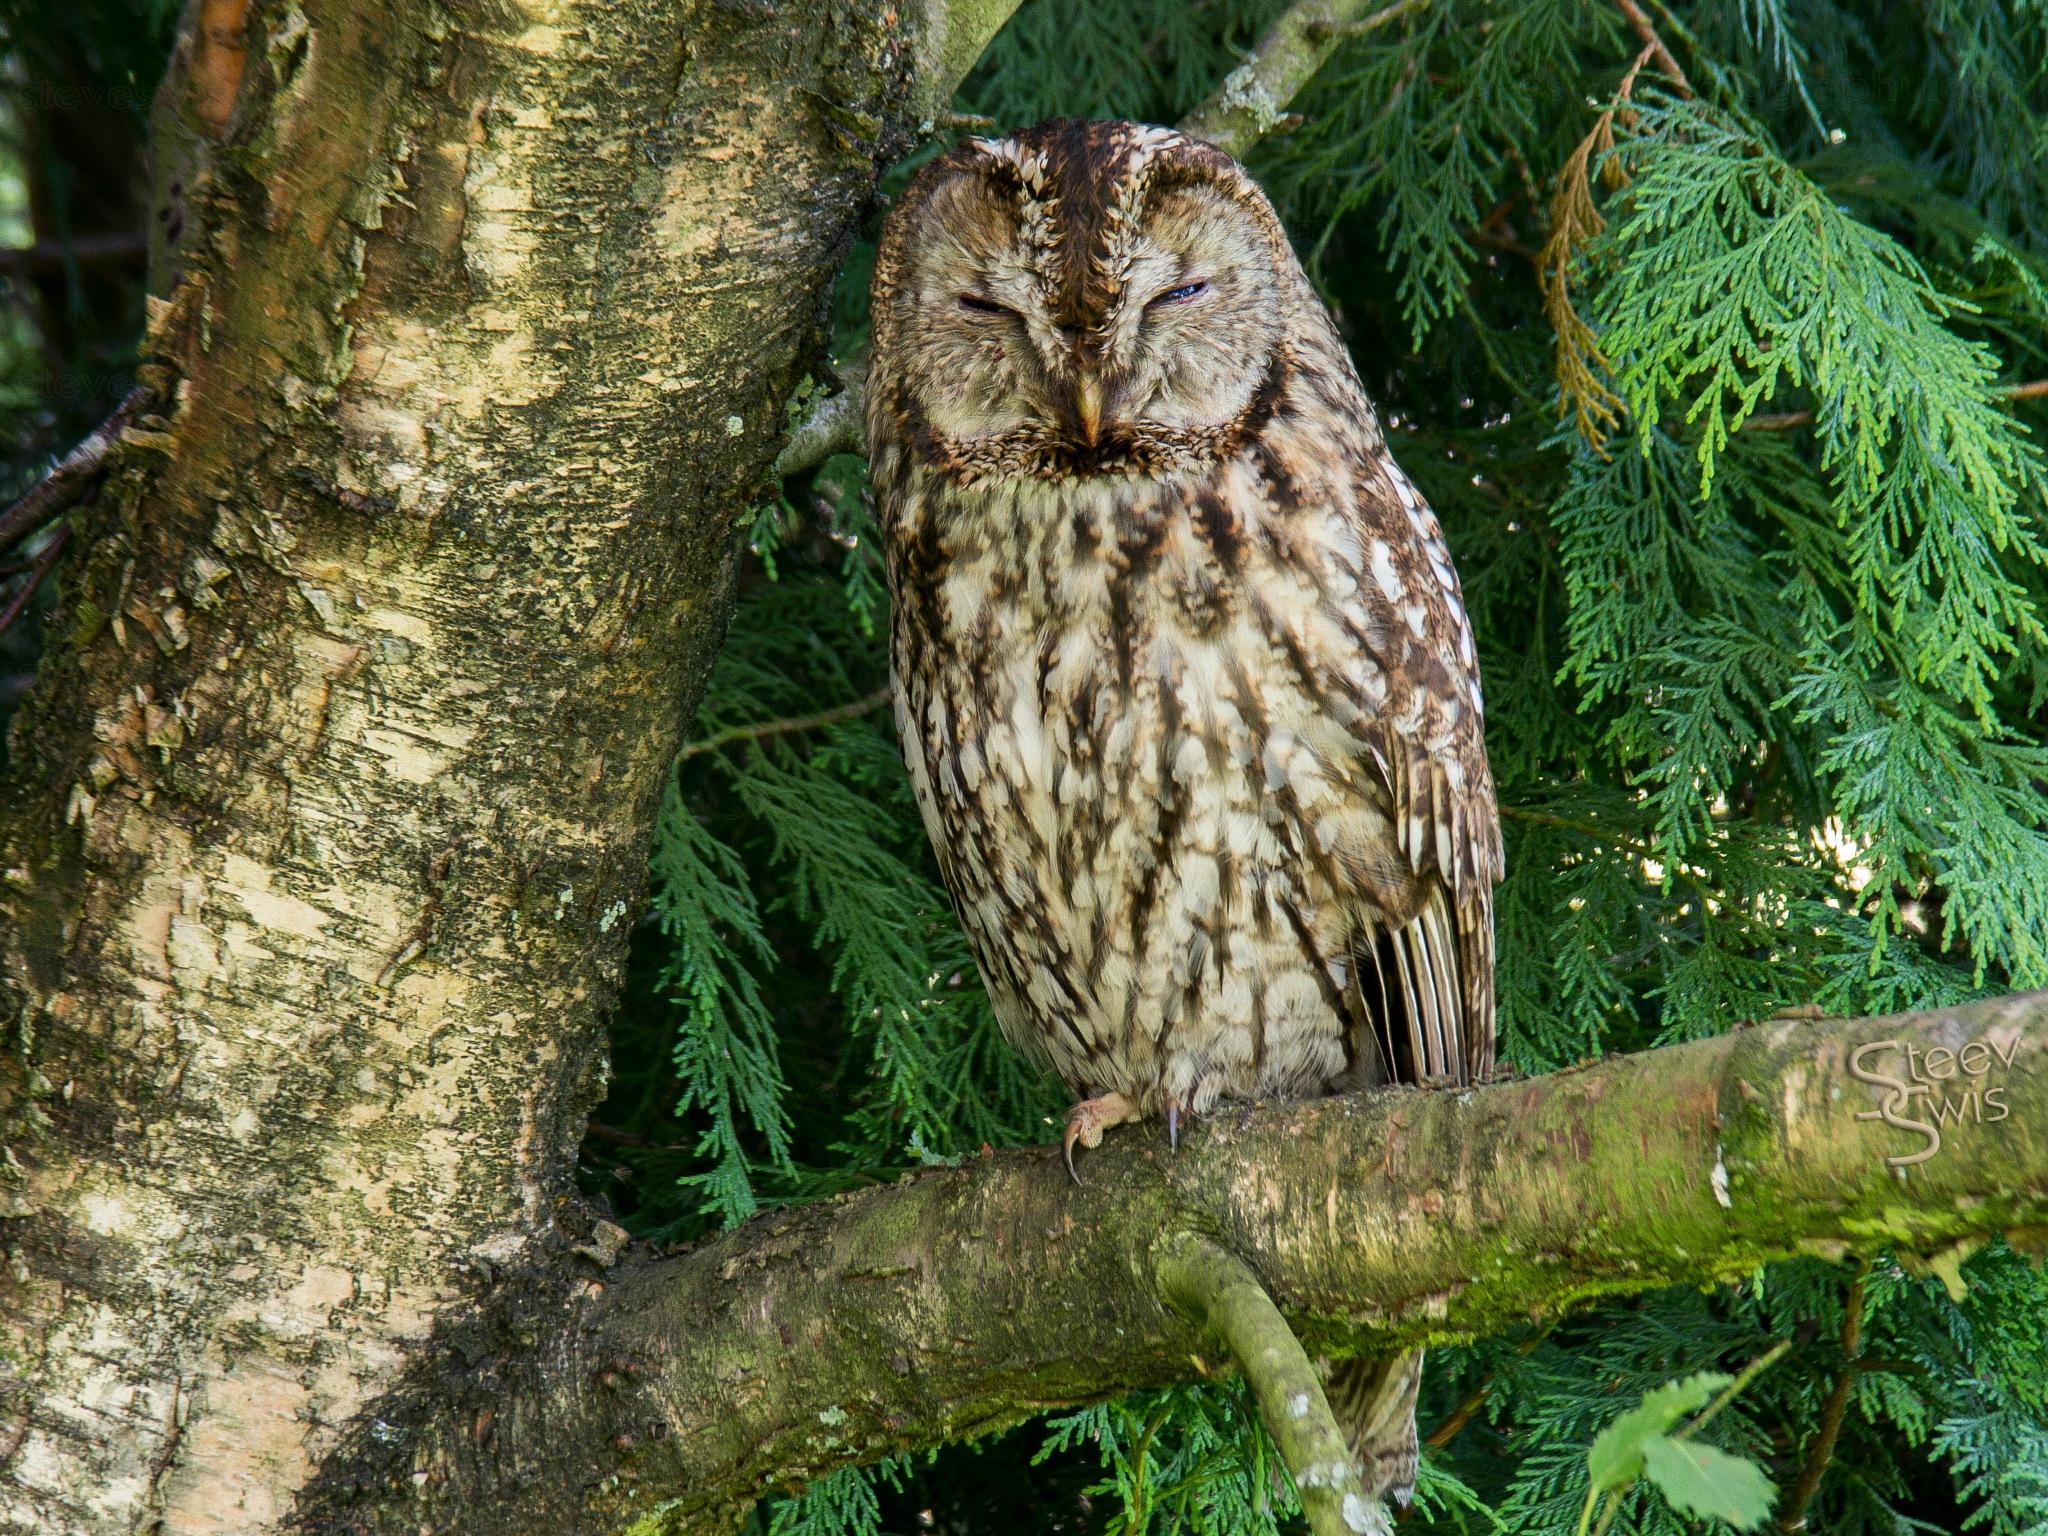 Tawny Owl by Steve Swis